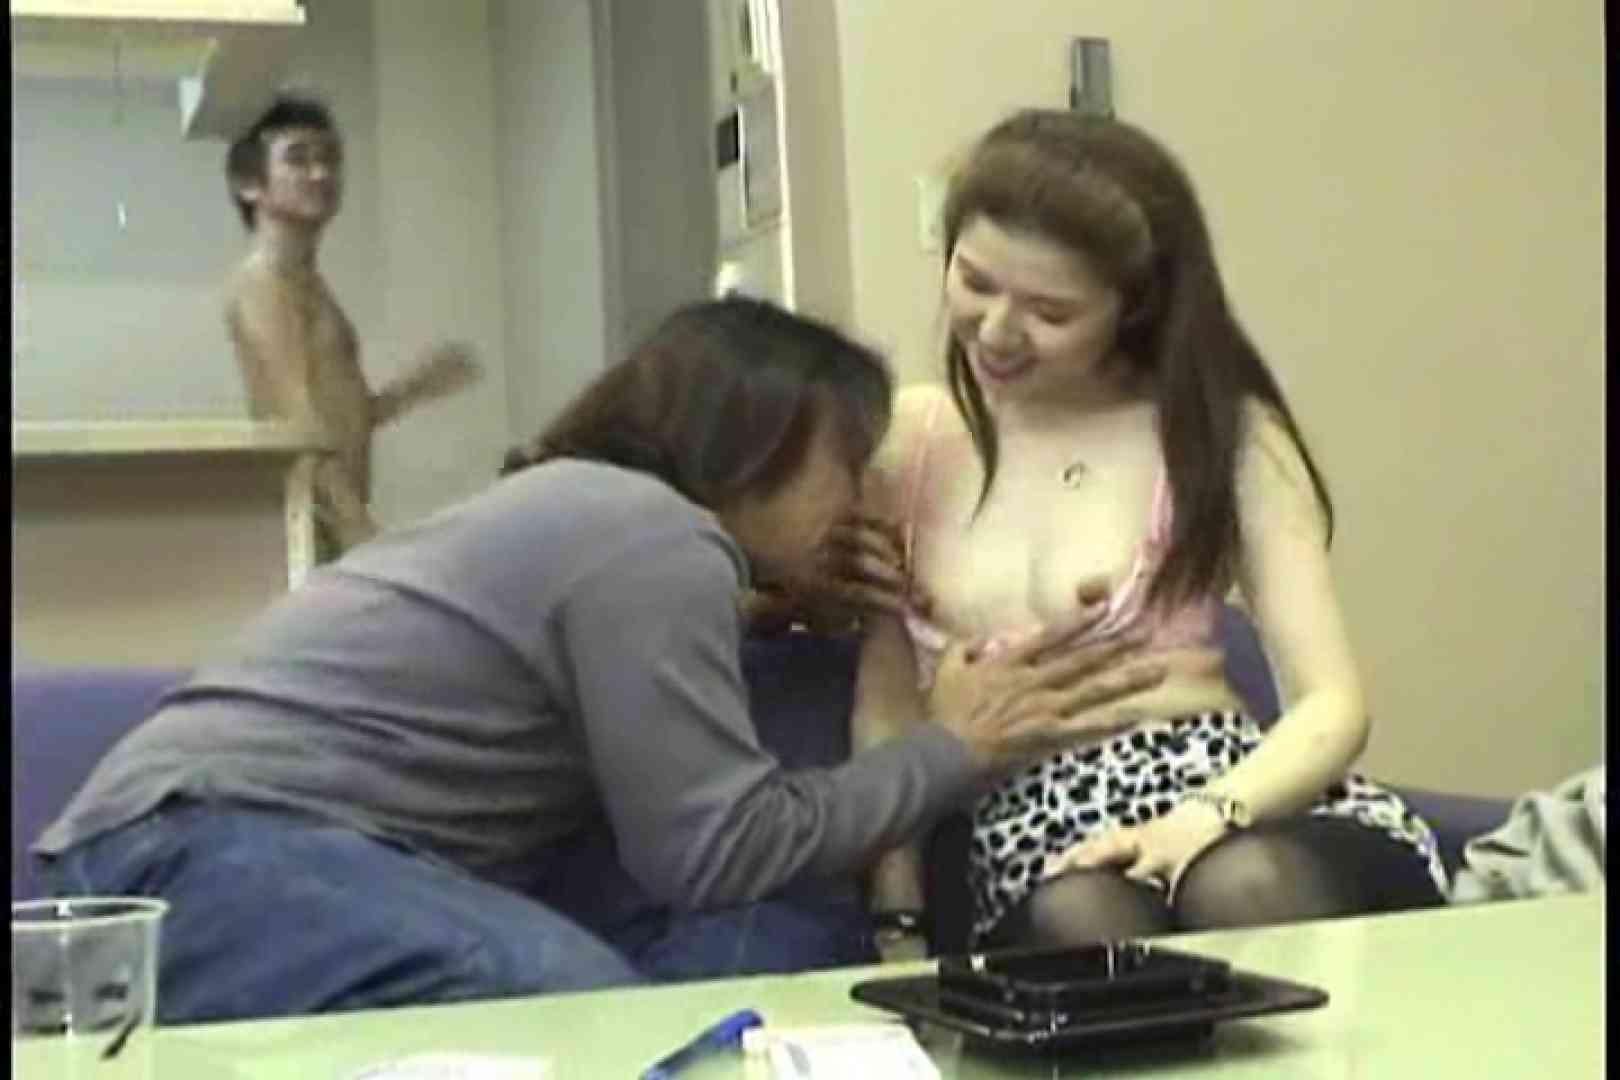 素人嬢126人のハメ撮り 会田ひとみvol.1 メーカー直接買い取り セックス画像 63pic 34